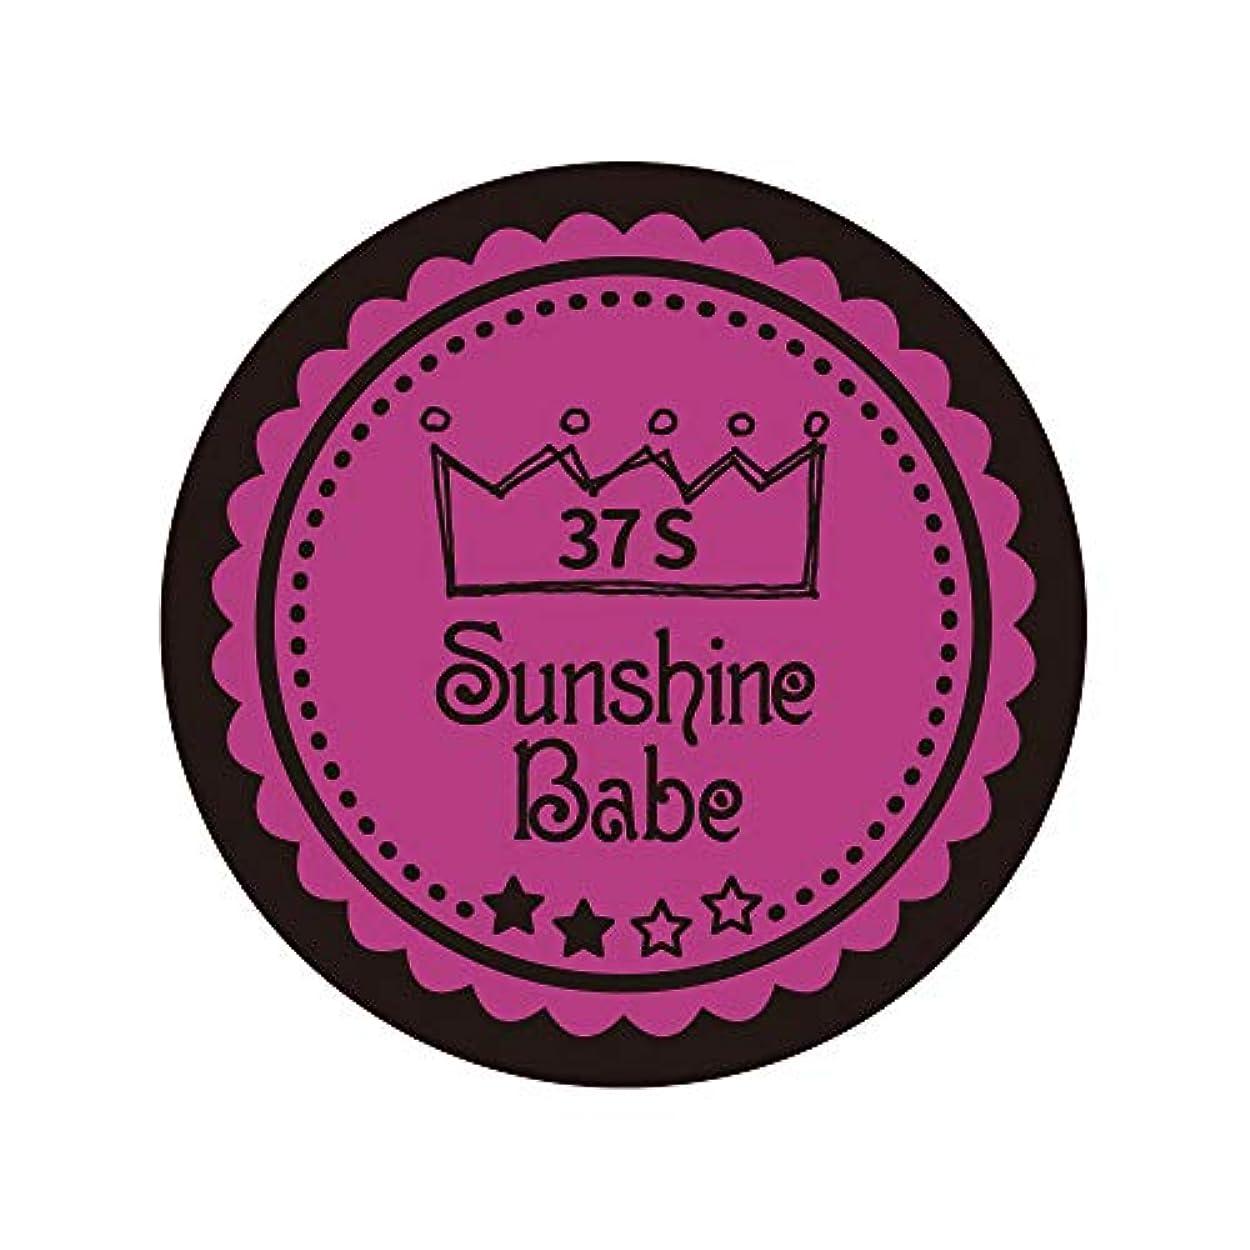 放出入力呼び出すSunshine Babe カラージェル 37S フューシャピンク 4g UV/LED対応